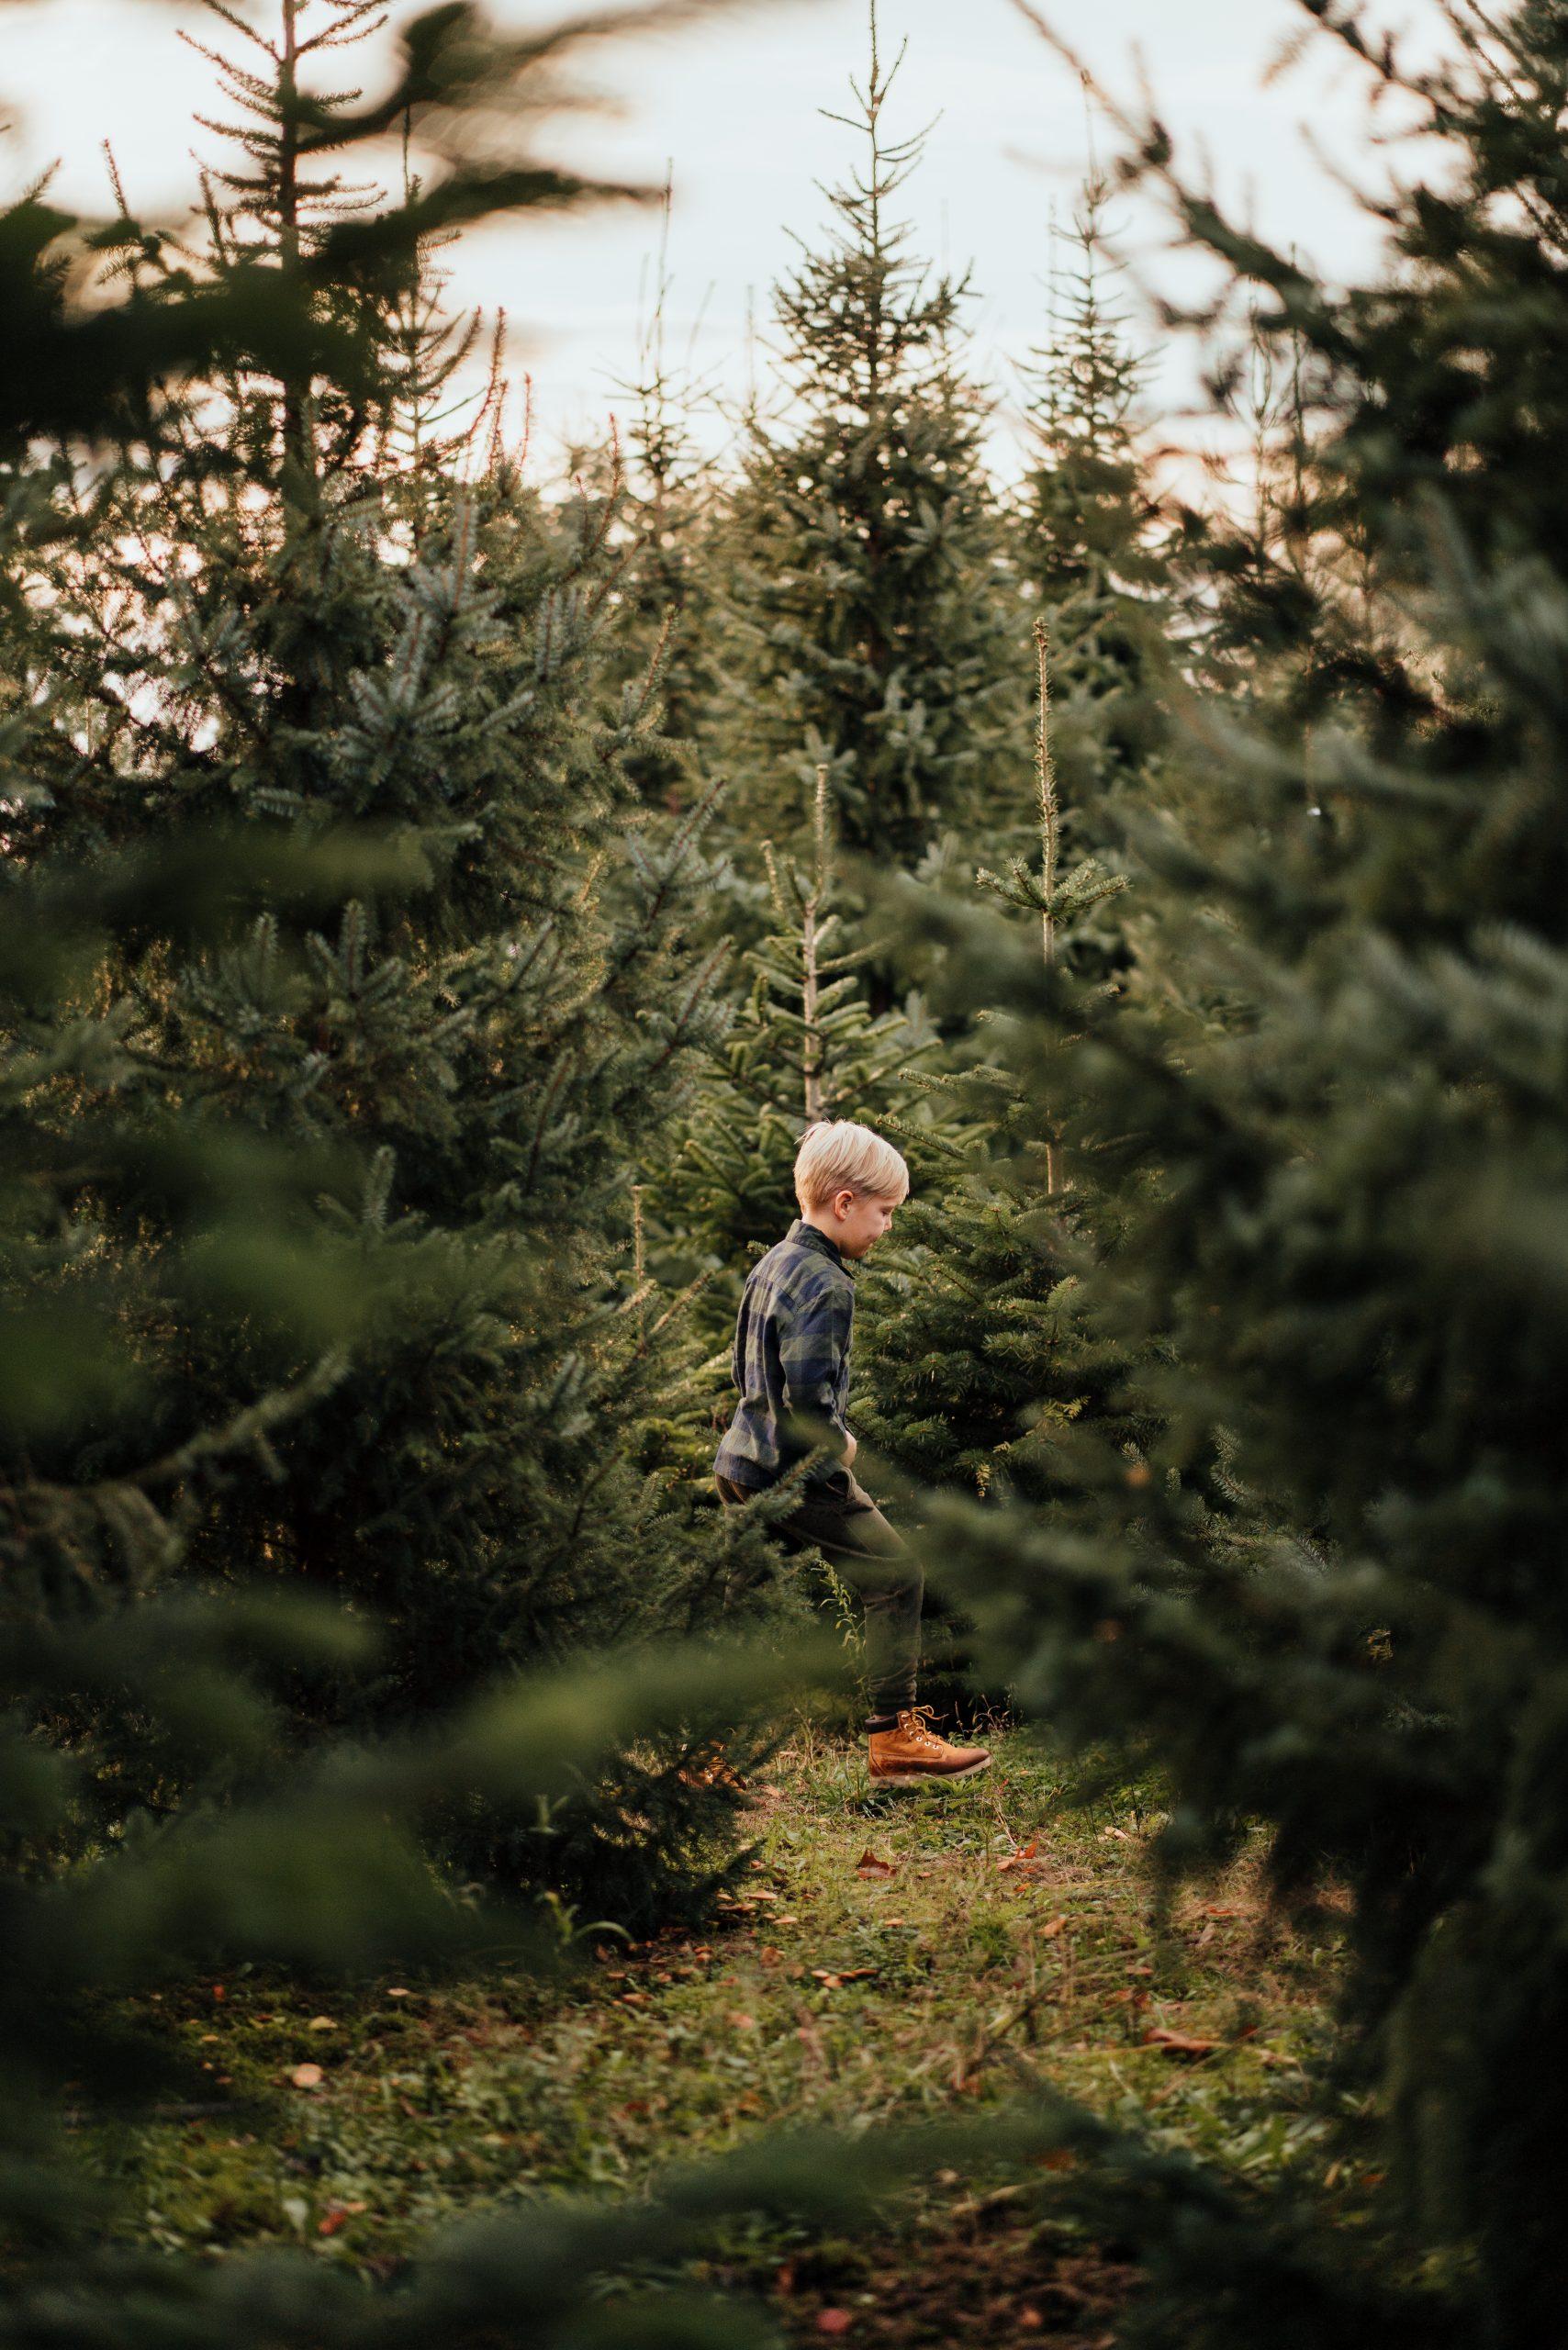 kerstbomen fotoshoot kerst groen